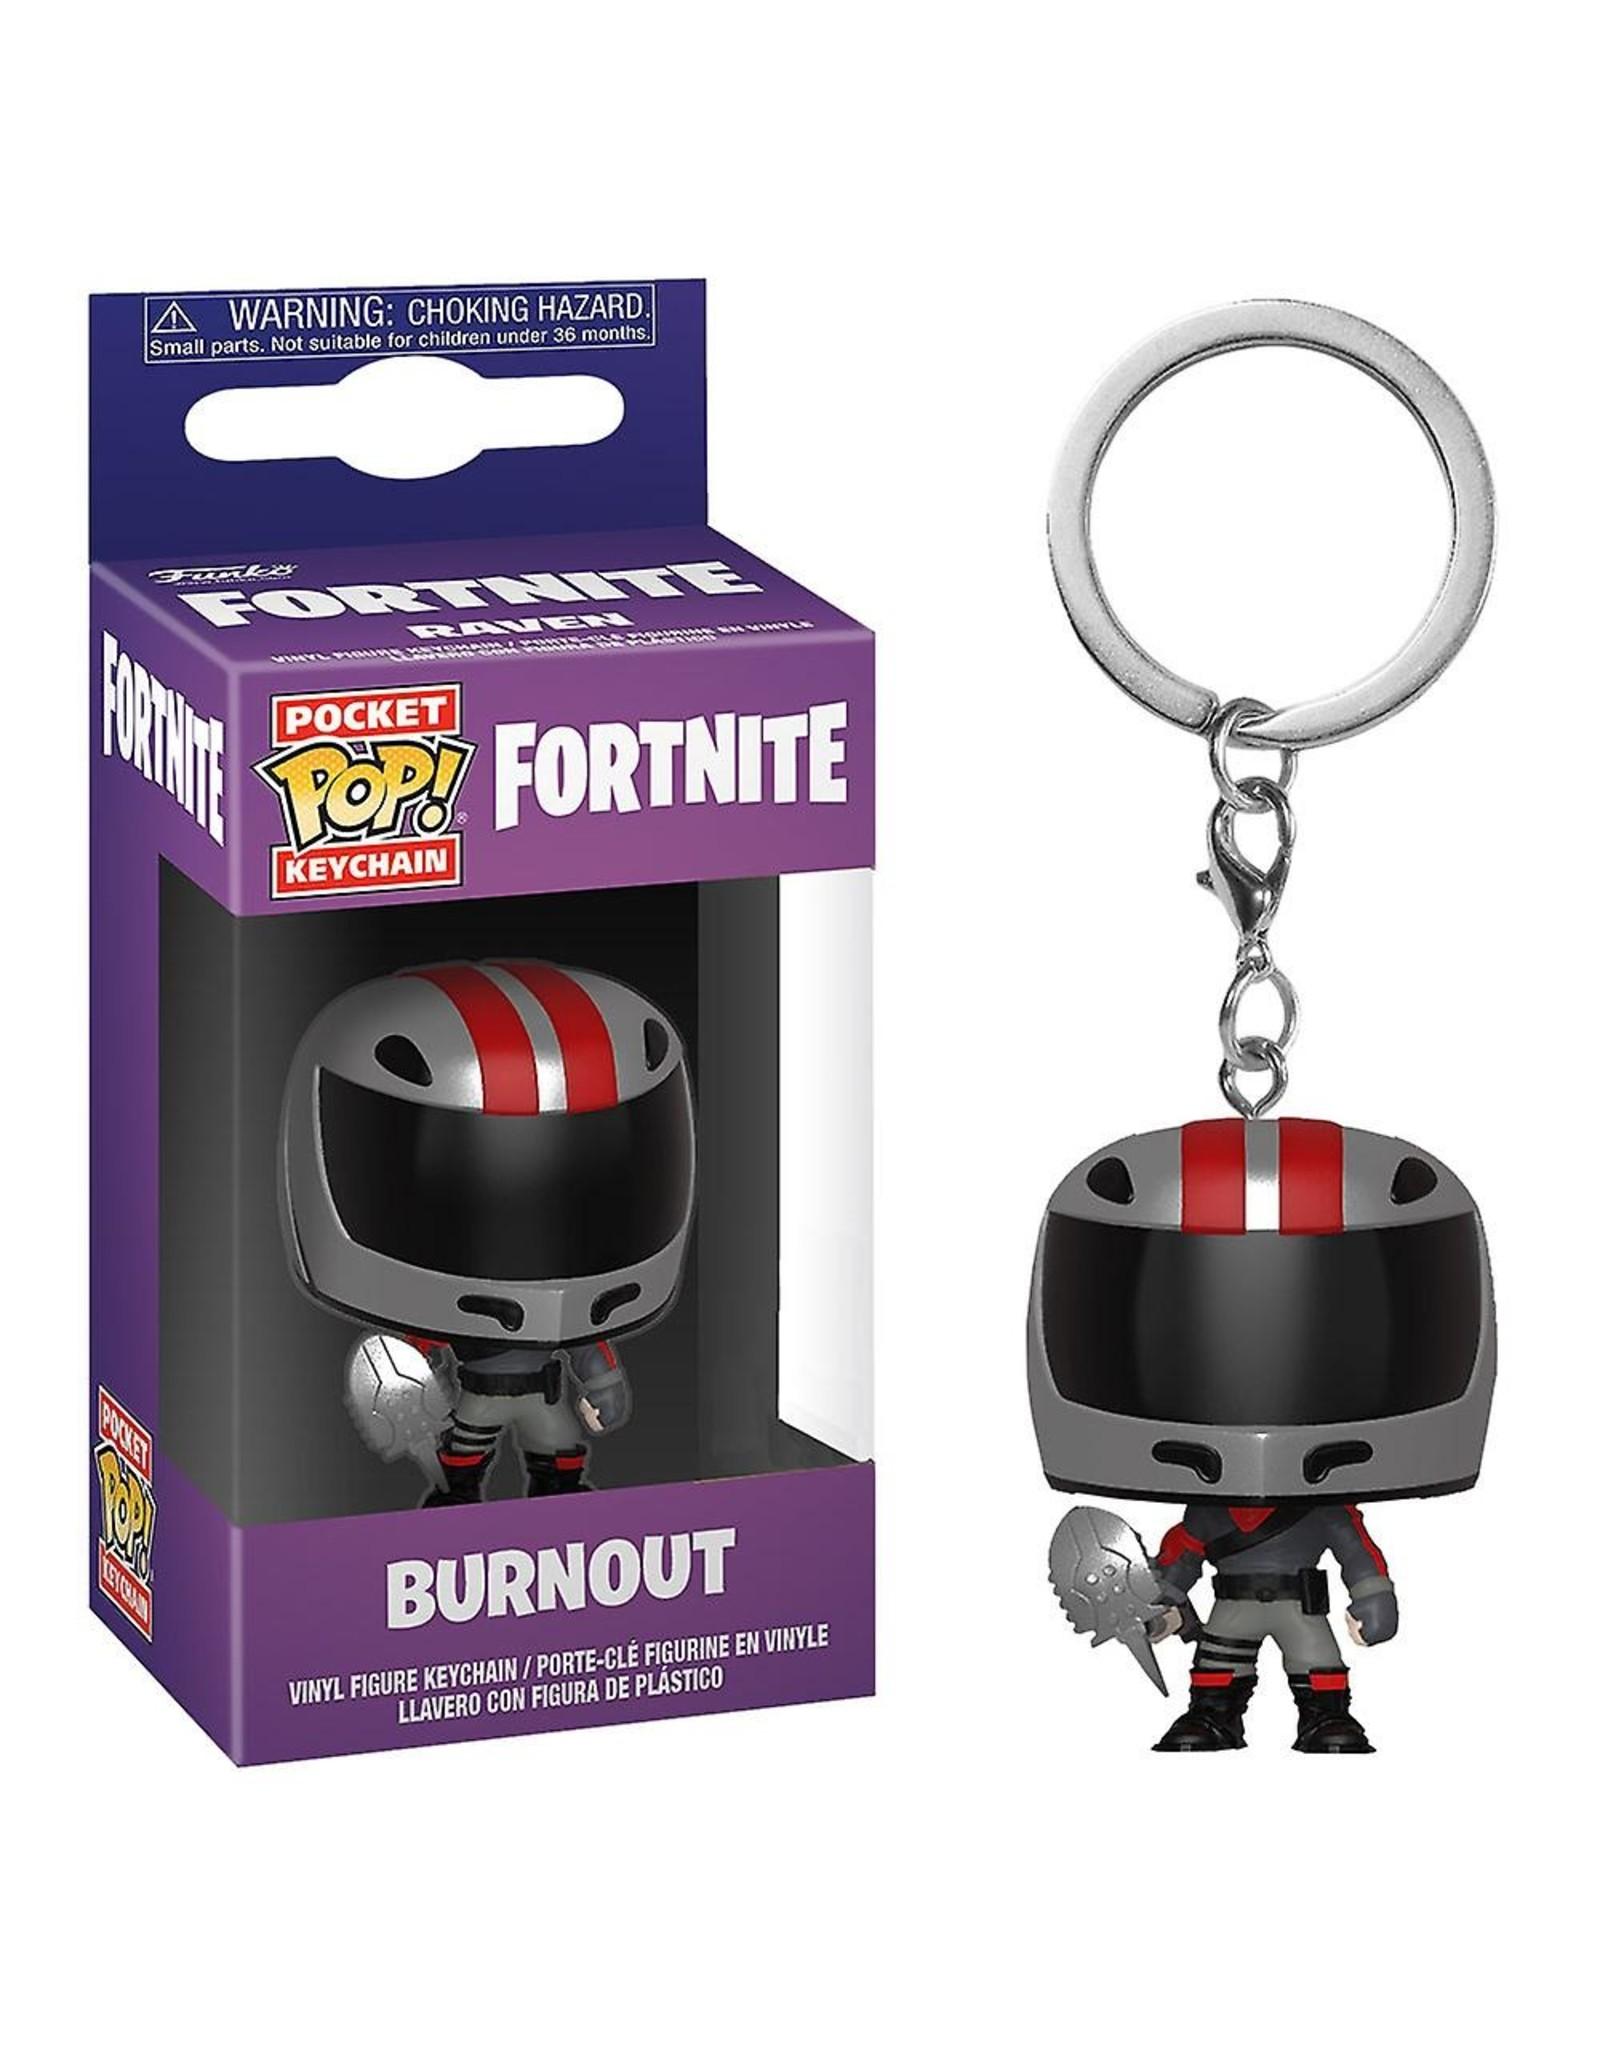 FUNKO! Fortnite - Pocket sleutelhanger Burnout 4 cm